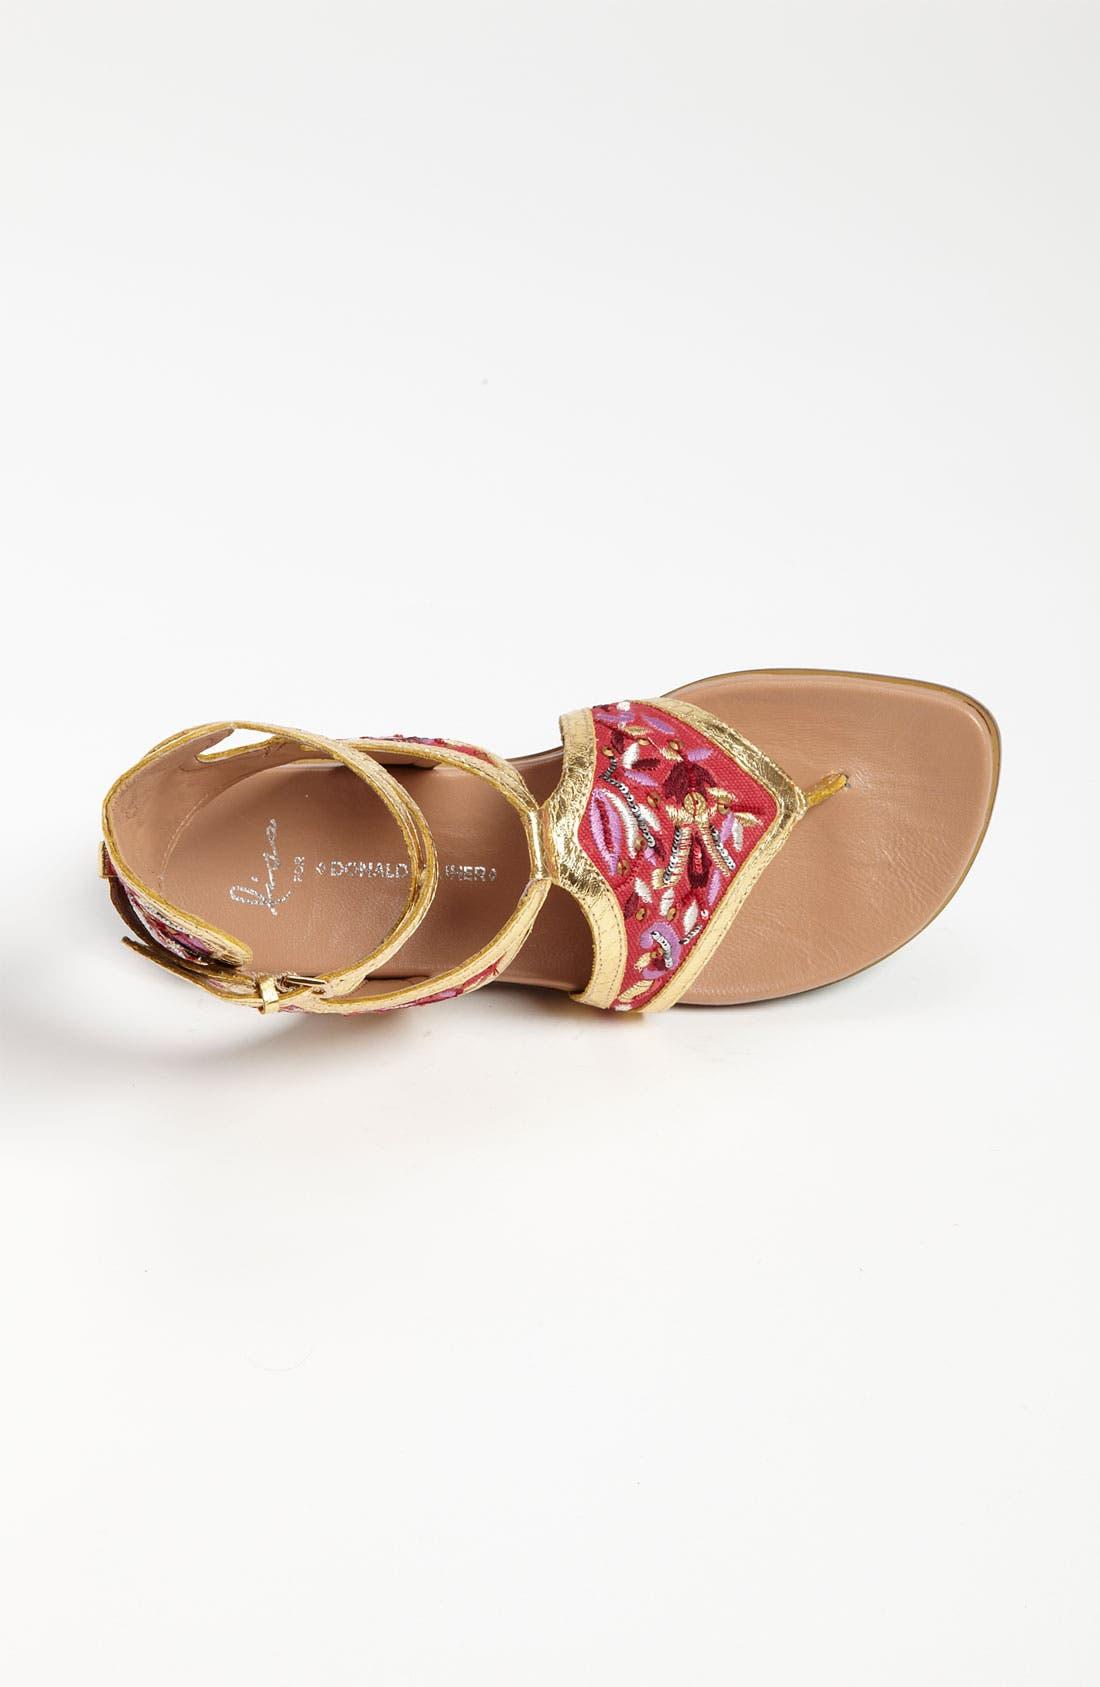 Alternate Image 3  - Lisa for Donald J Pliner 'Gissa' Sandal